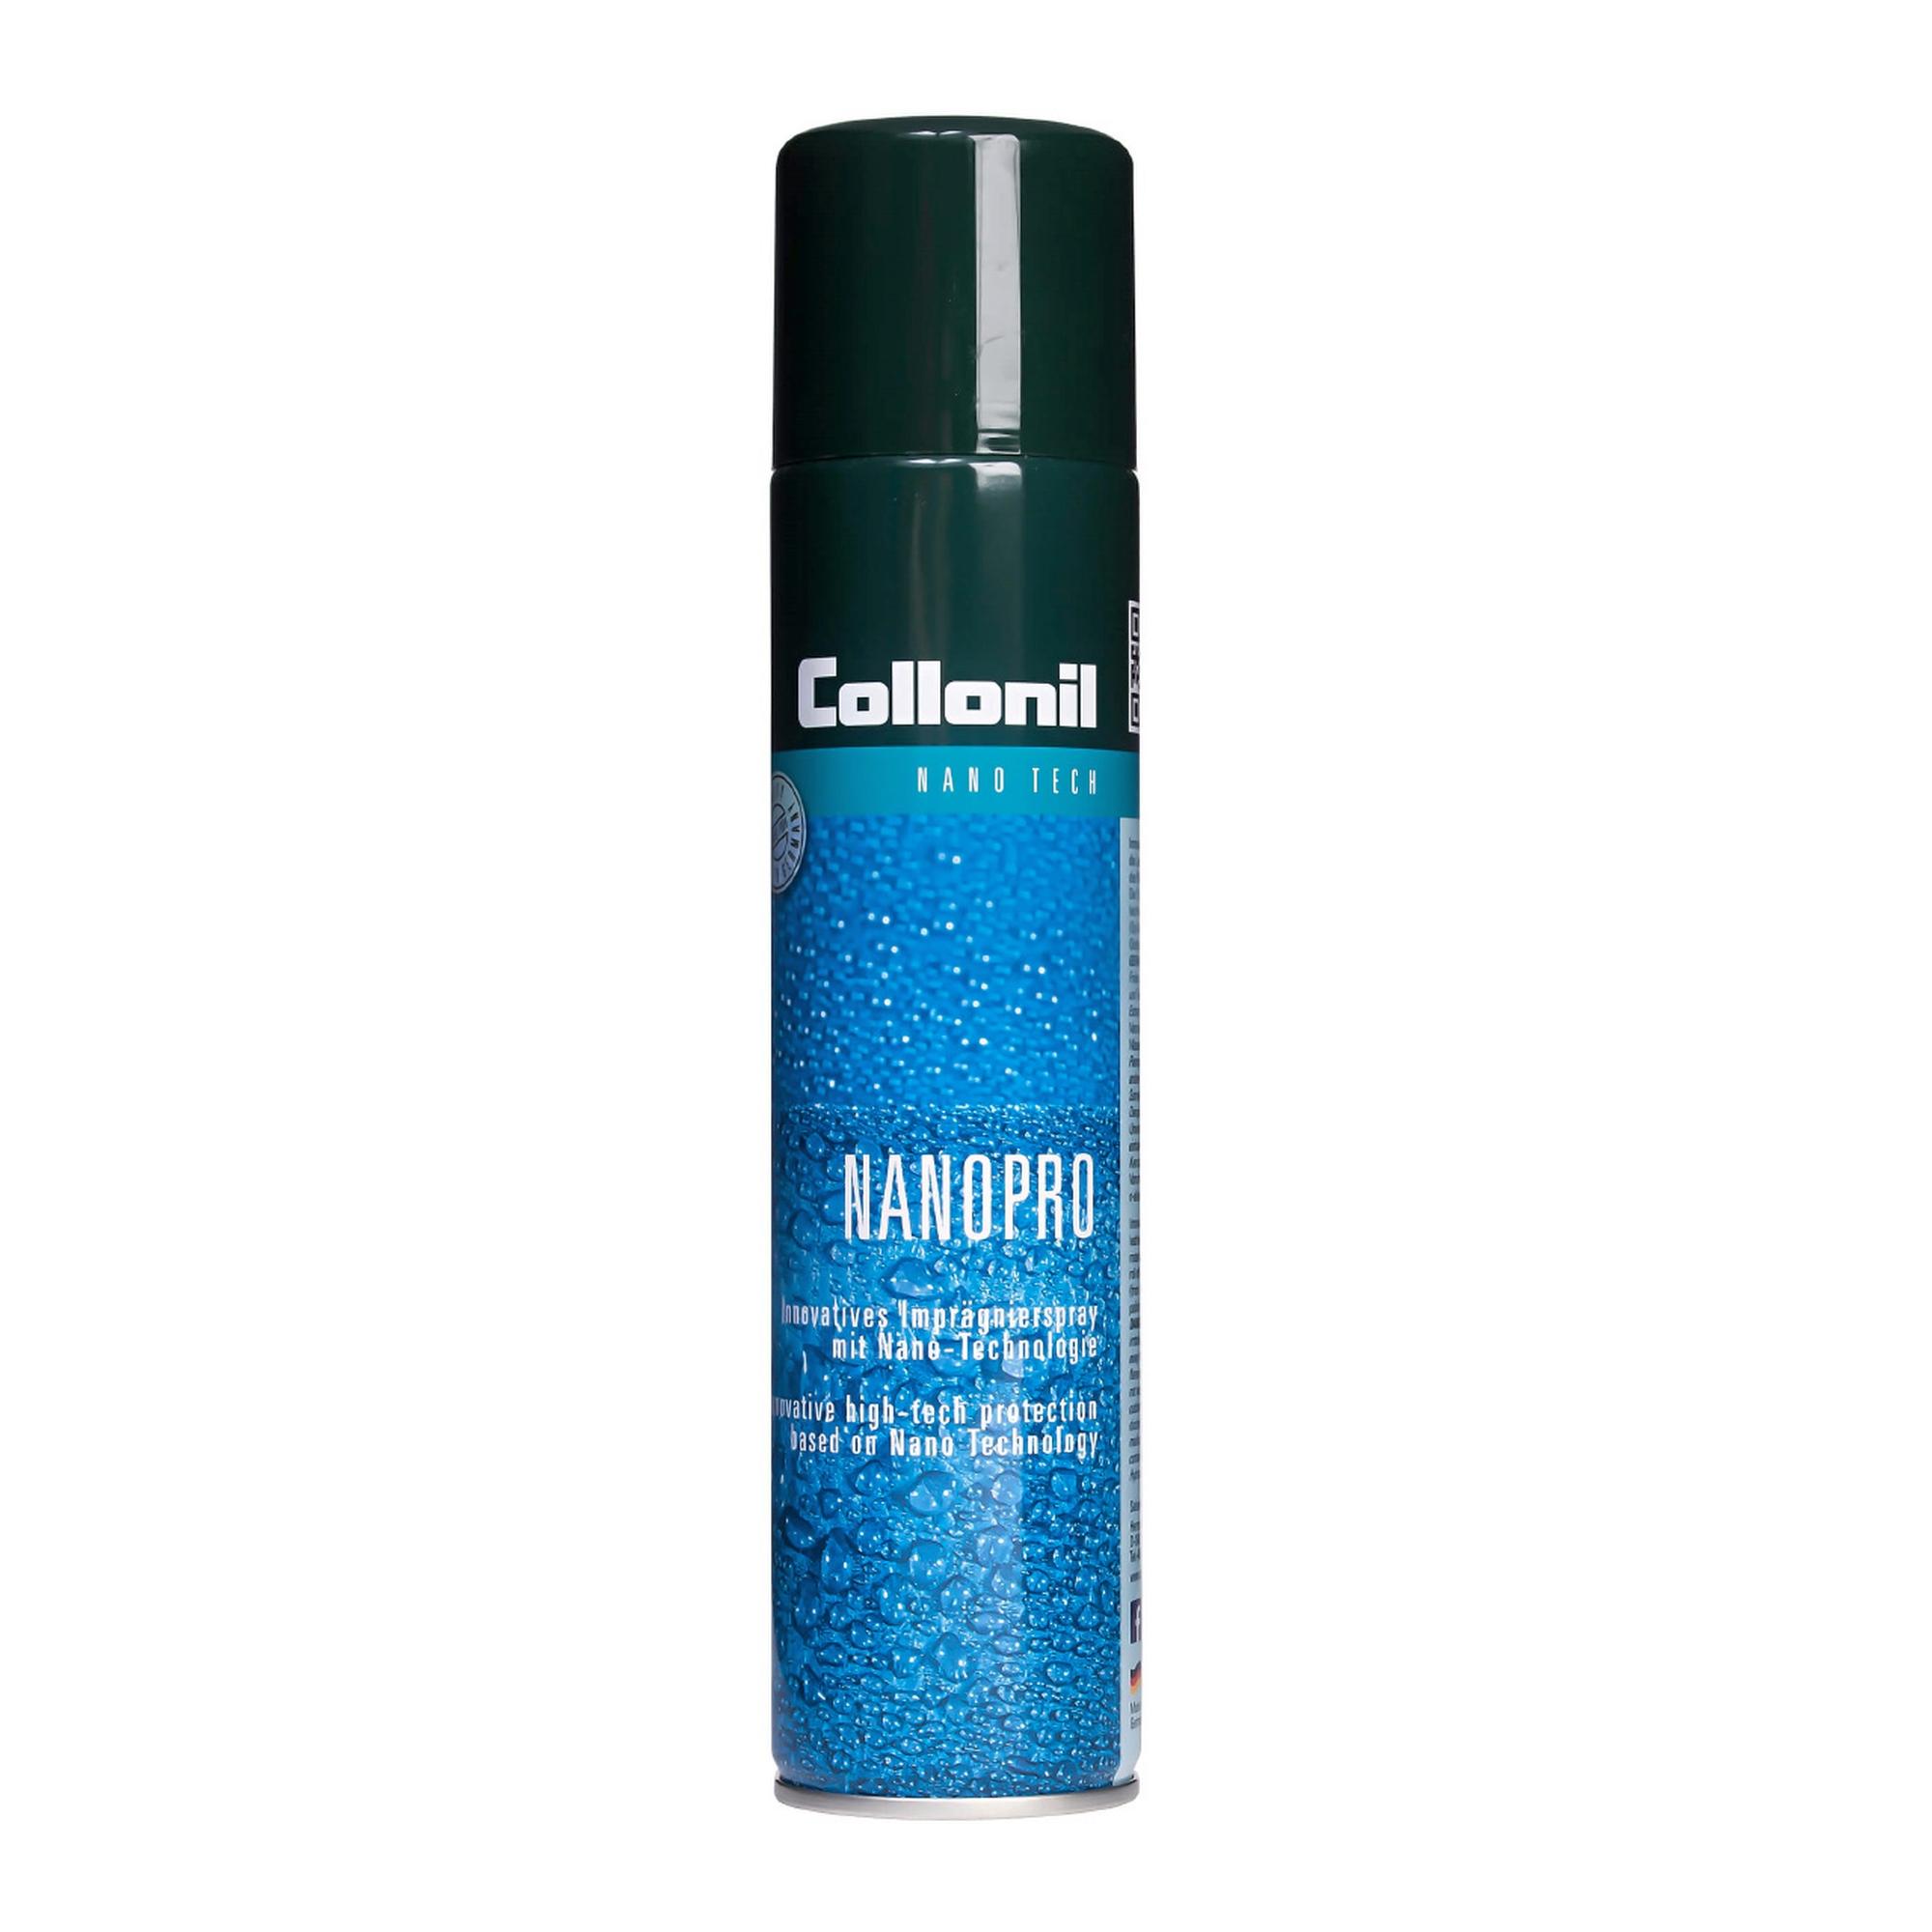 Collonil Nanopro impregneer spray 300 ml